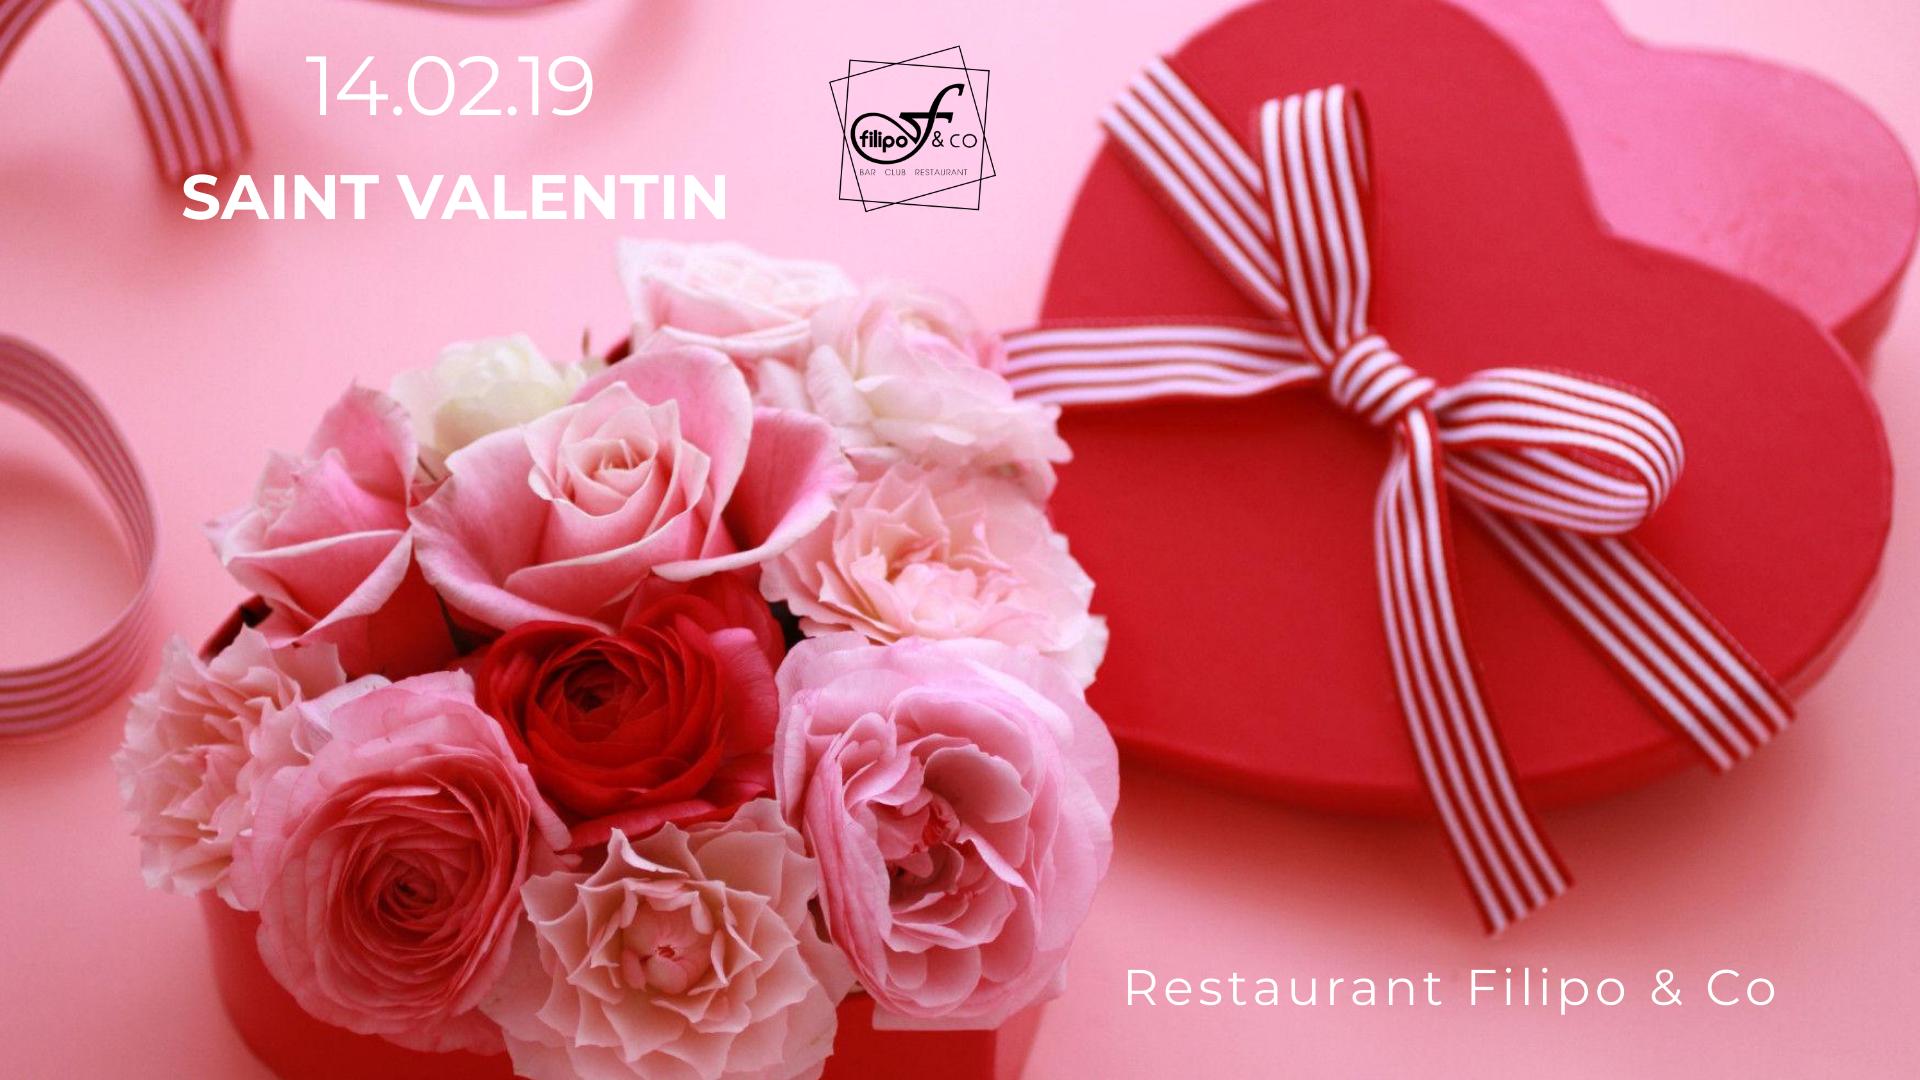 Flyer spécial Saint Valentin